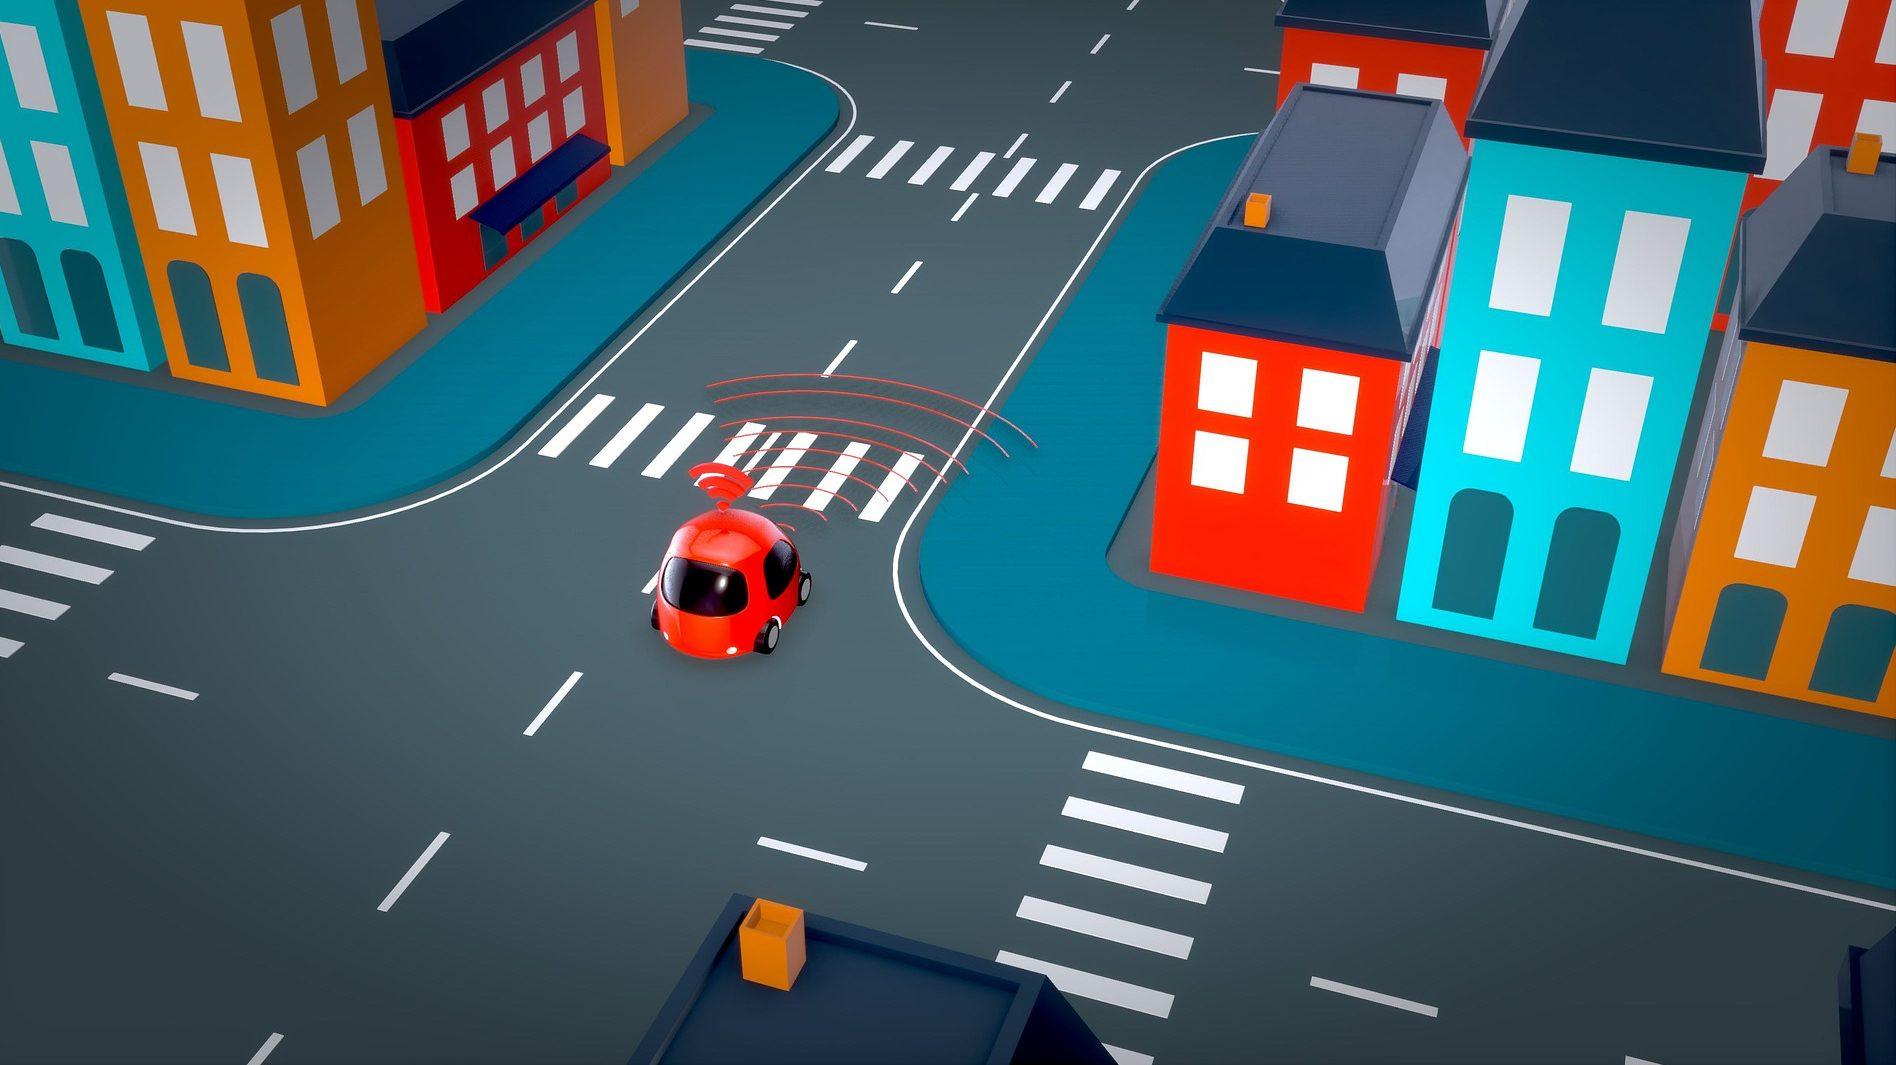 מיהו הגורם שראוי להטיל עליו את האחריות לתאונת דרכים בה מעורב רכב אוטונומי?